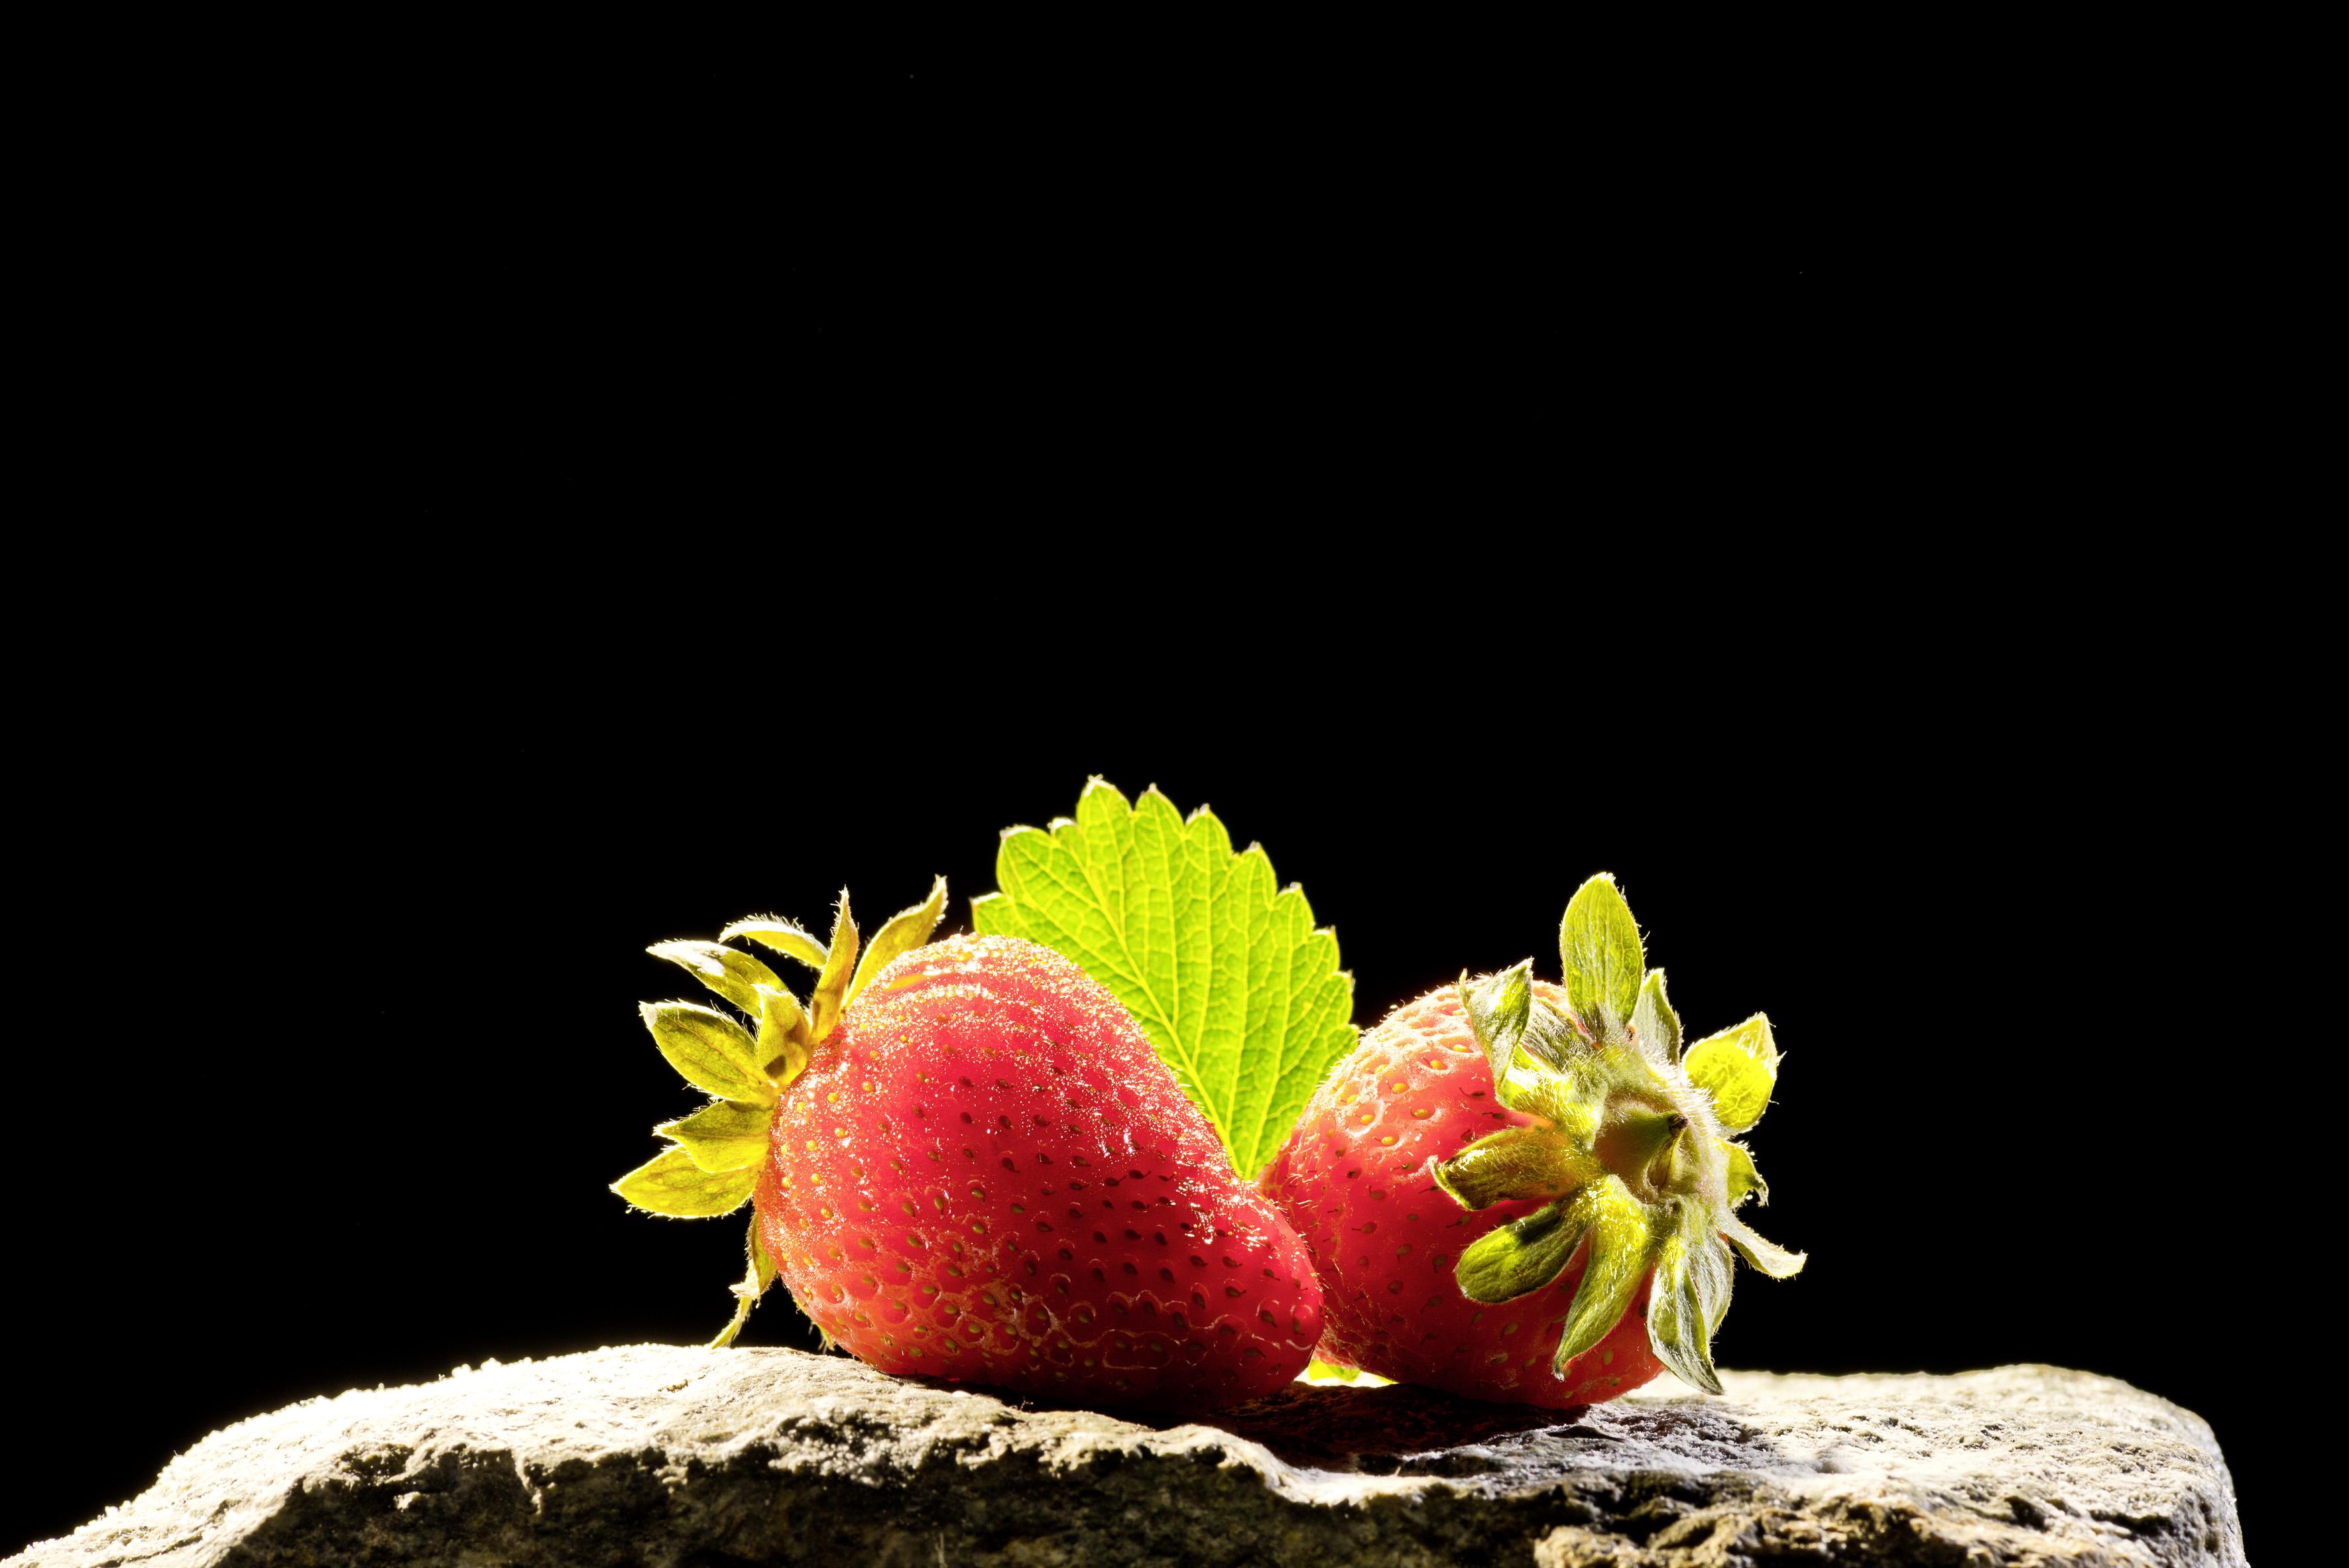 Foodfotografie Still Erdbeere Fotograf Lothar Drechsel Mönchengladbach